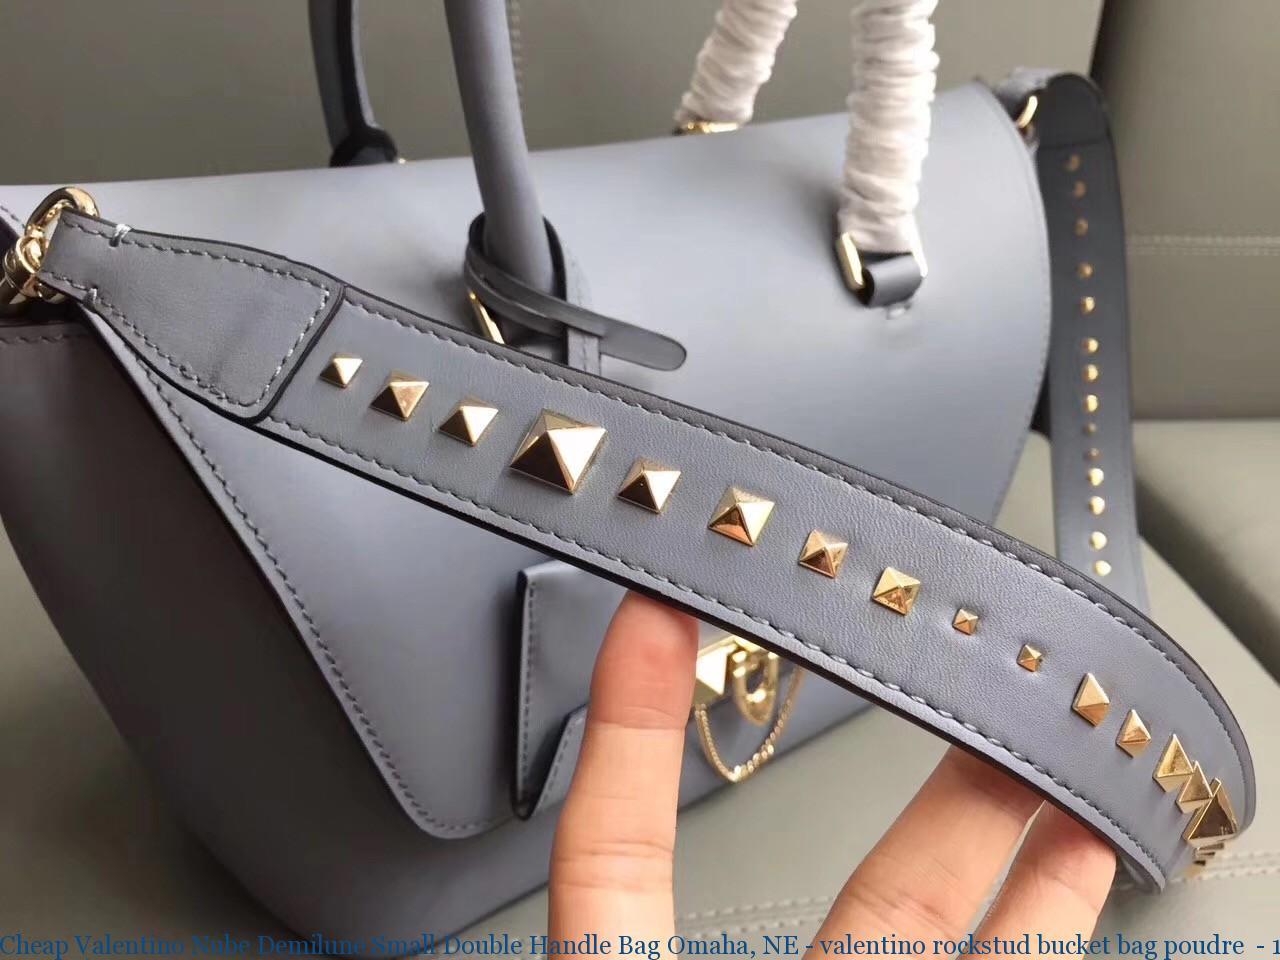 55e06f379ff Cheap Valentino Nube Demilune Small Double Handle Bag Omaha, NE - valentino  rockstud bucket bag poudre - 1153